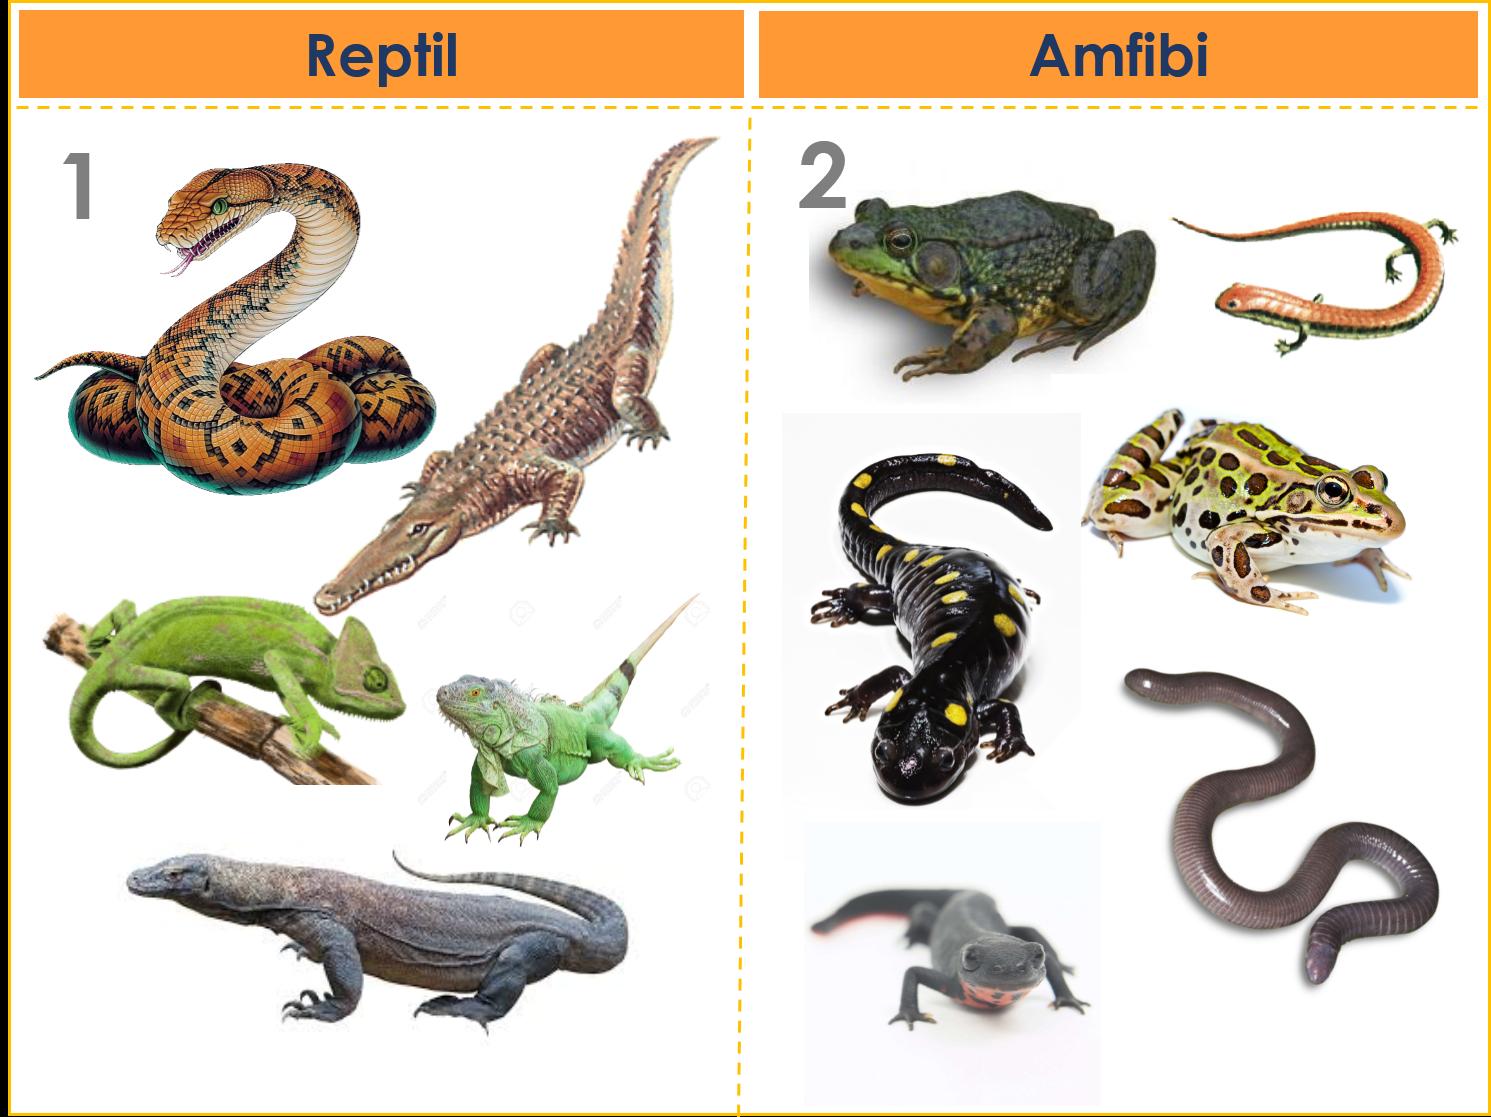 Reptil sebagai peliharaan  why nott